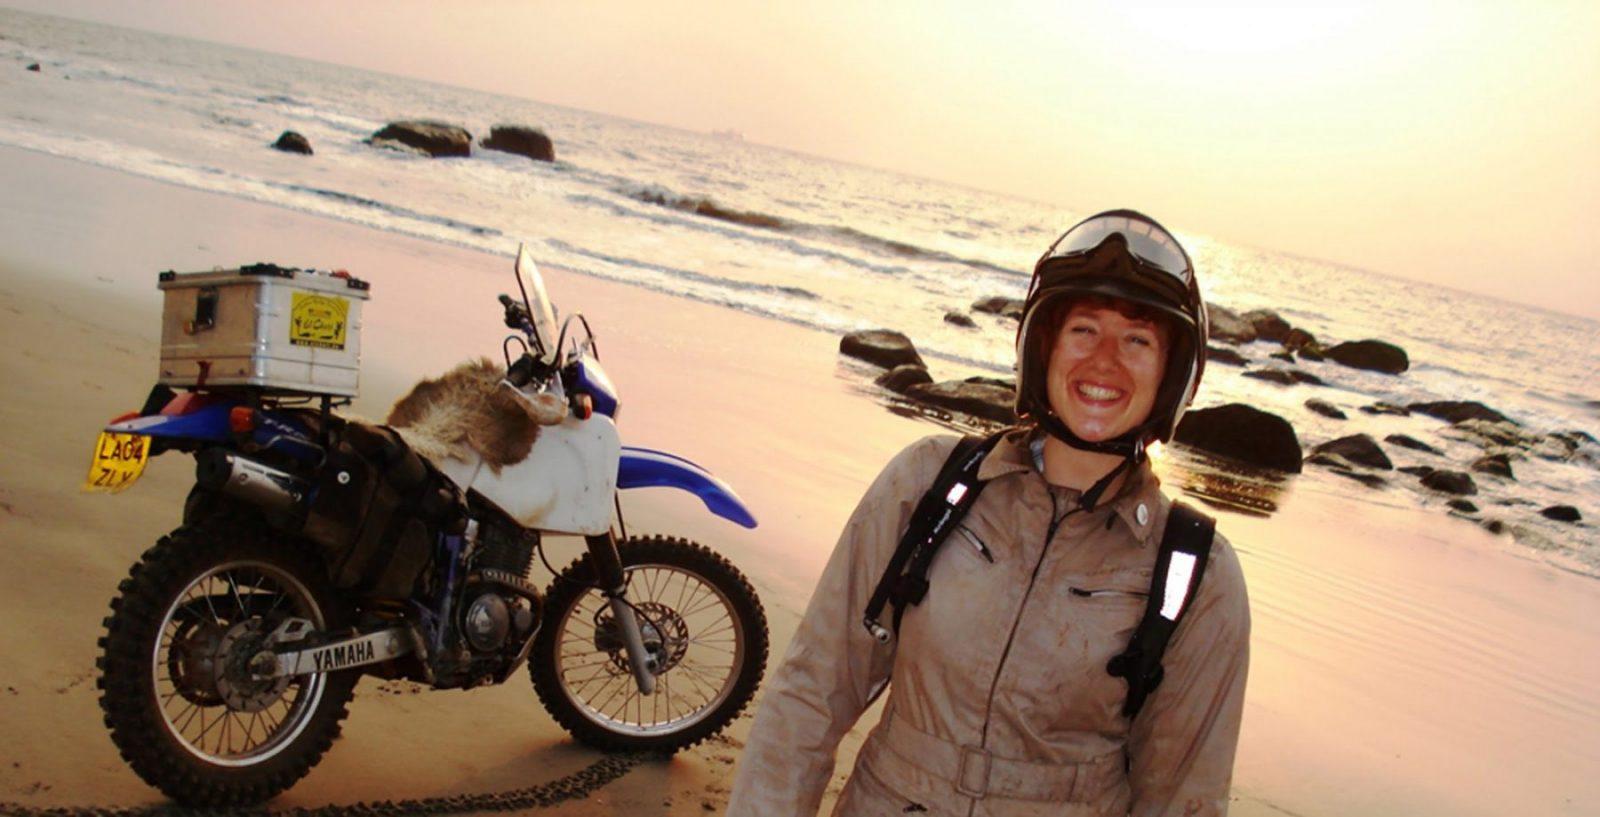 15 жени, които обикалят света с мотоциклет сами - 01: Лойс Прайс